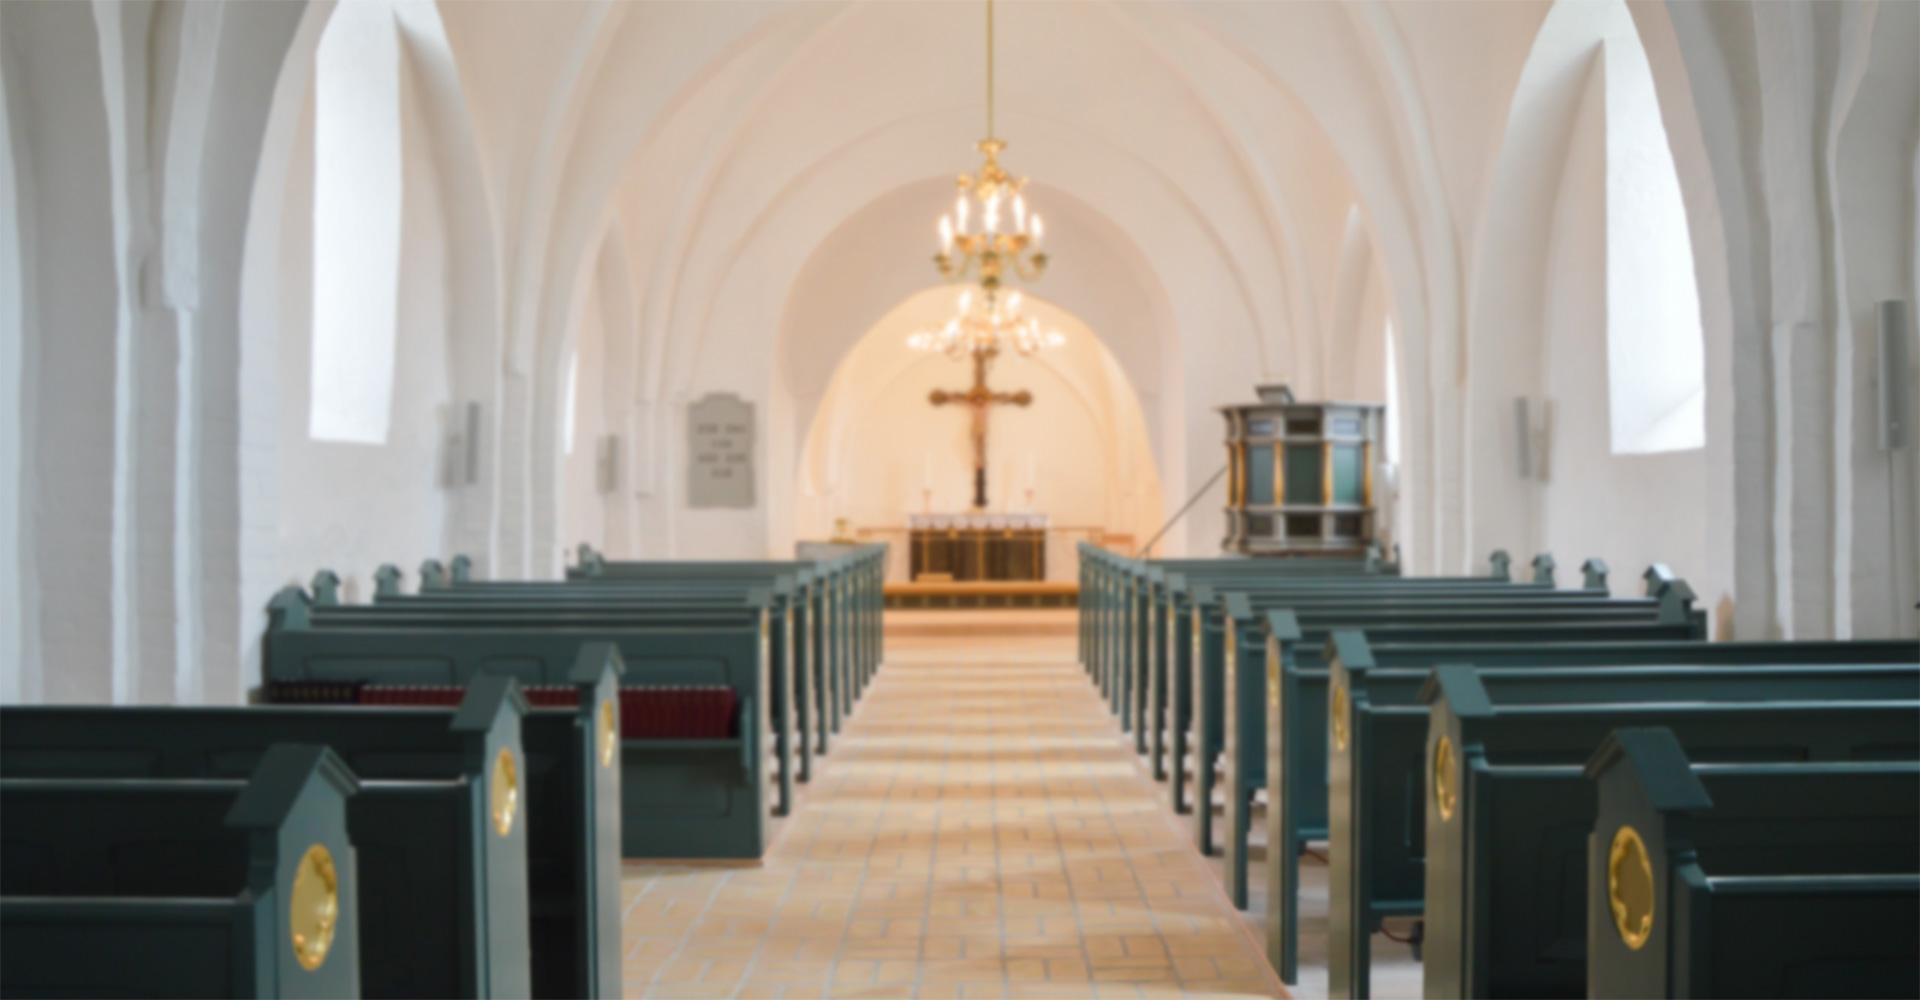 Lydløsninger og AV-udstyr fx til kirker